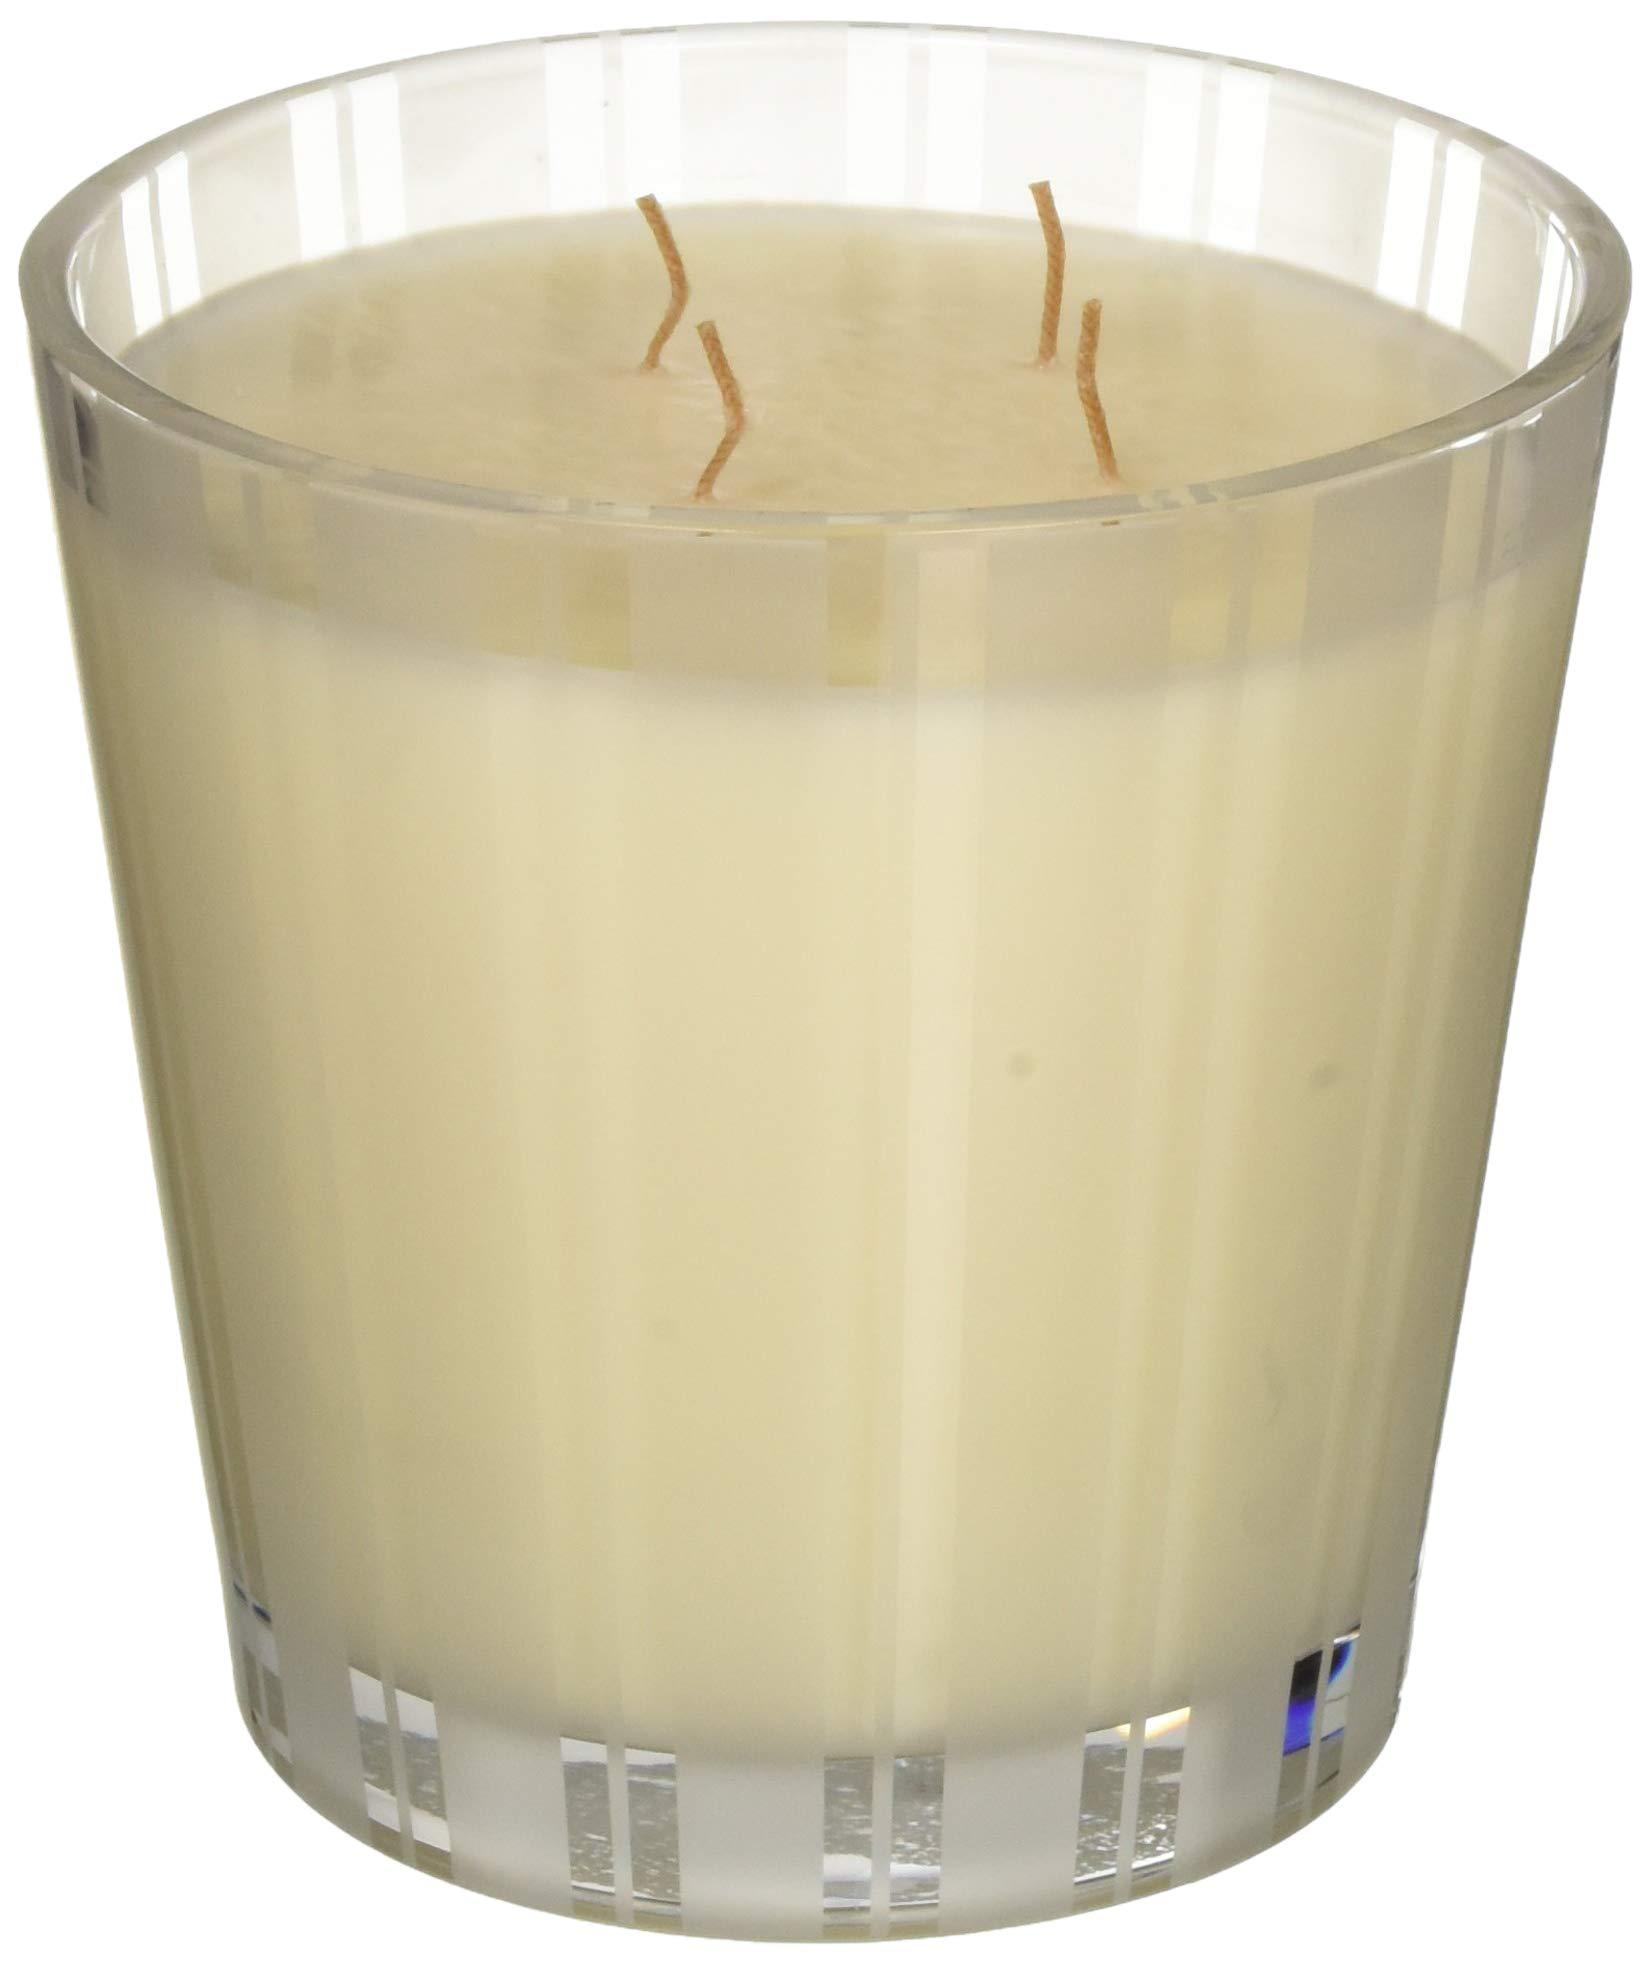 NEST Fragrances Grapefruit Luxury Candle by NEST Fragrances (Image #2)